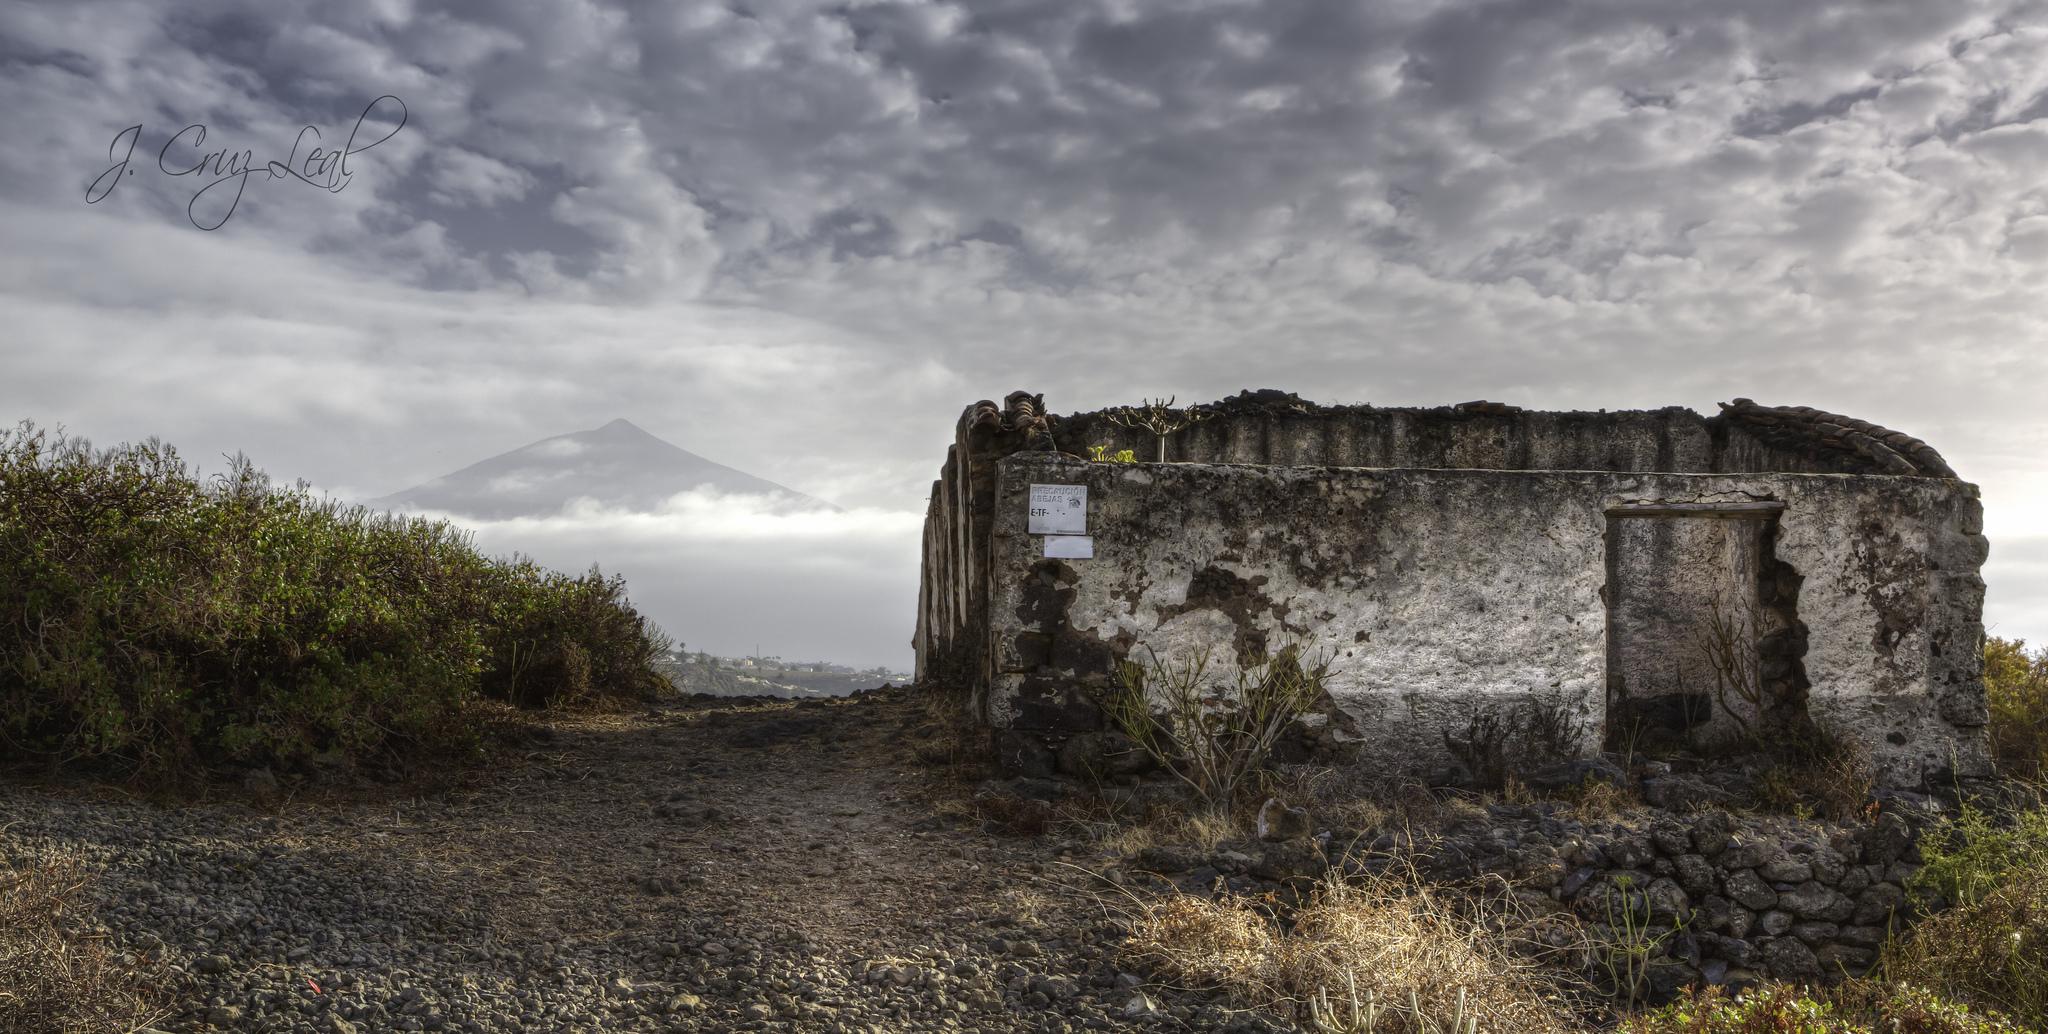 Blog de Lugarte Fotografía © Visto en Flickr: Jose Manuel Cruz Leal